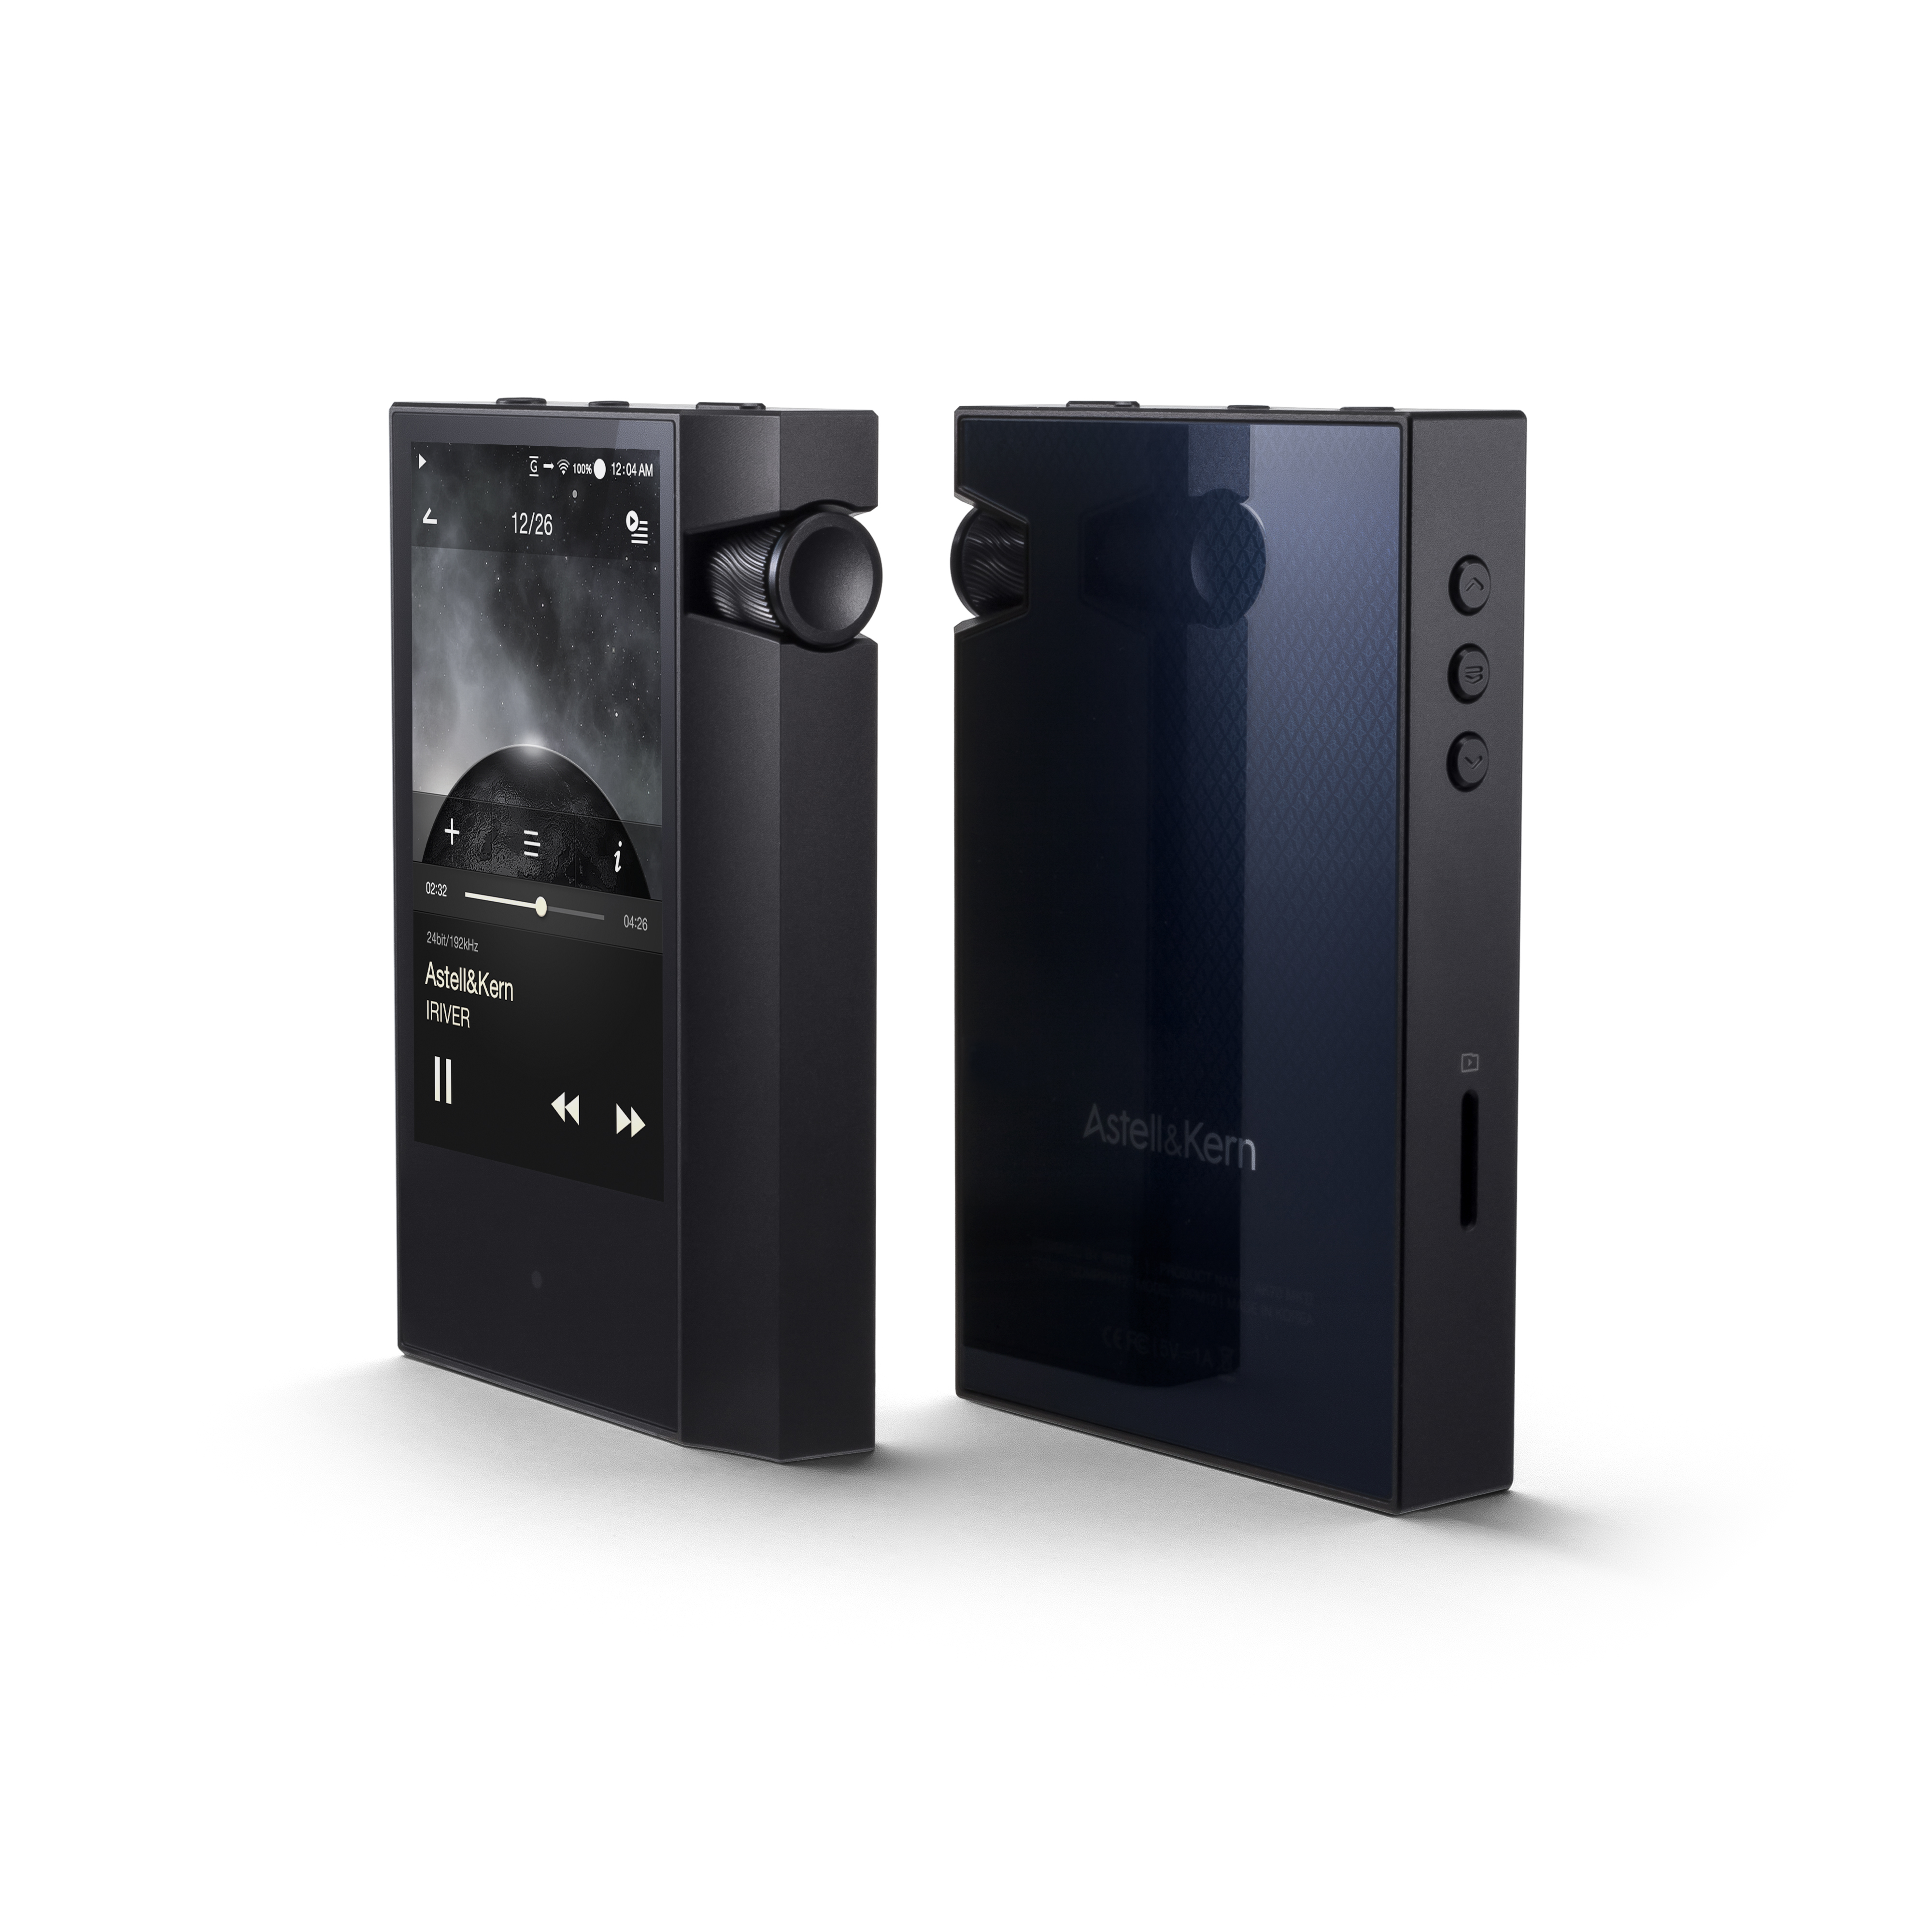 Máy nghe nhạc Astell & Kern AK 70 MK II màu black tuyệt đẹp